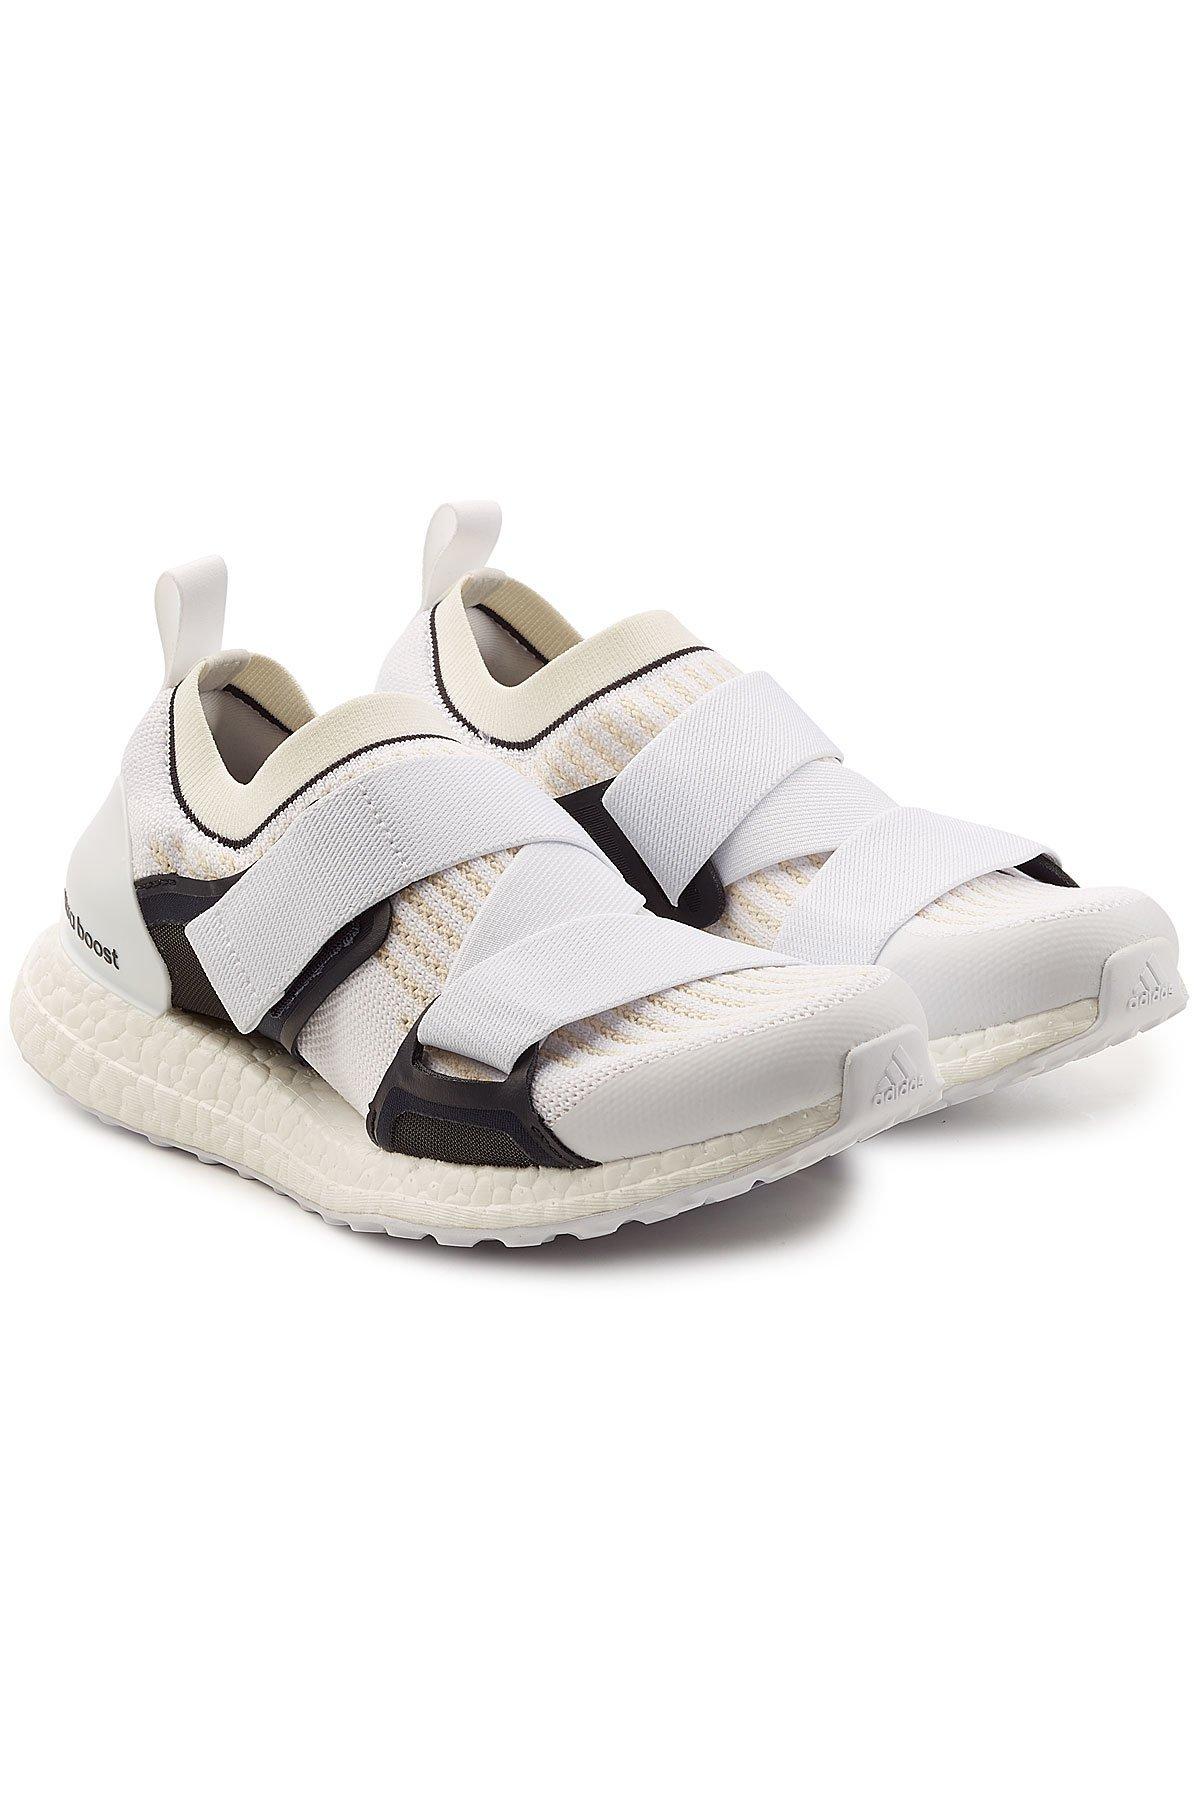 Ultraboost X Sneakers Gr. UK 4.5